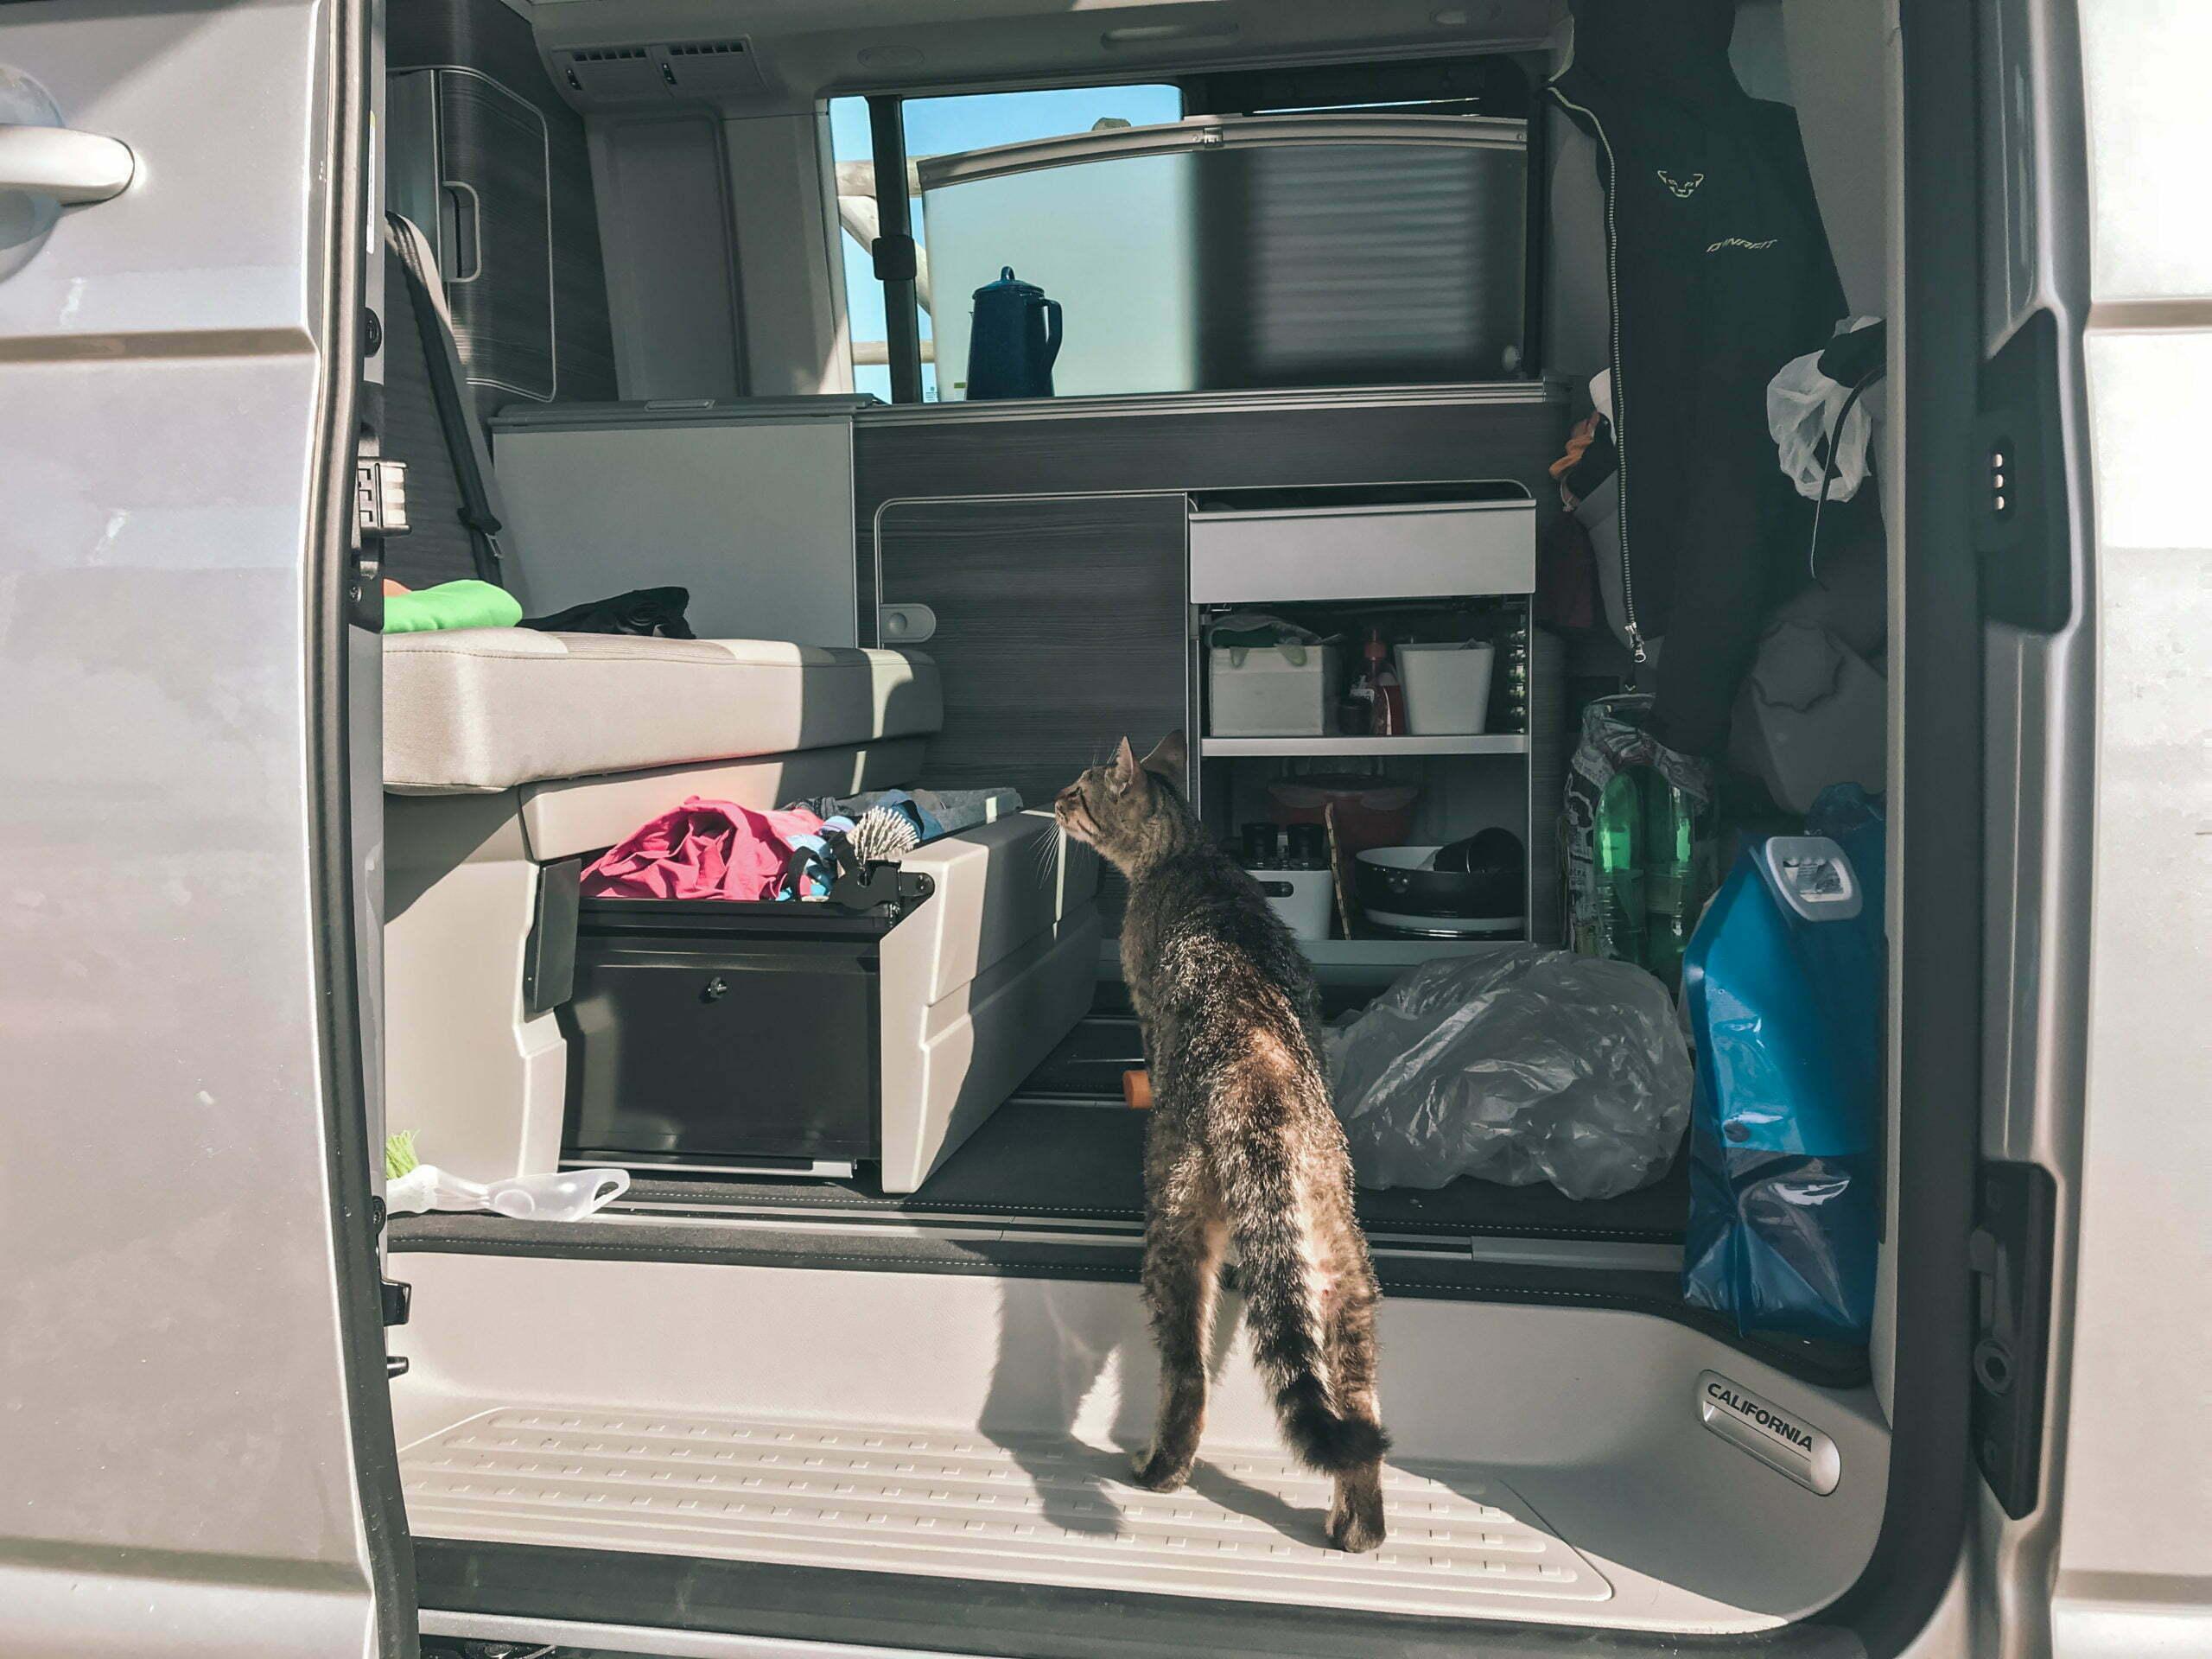 Die Campingplatz Katze durchsucht einen unaufgeräumten Camper